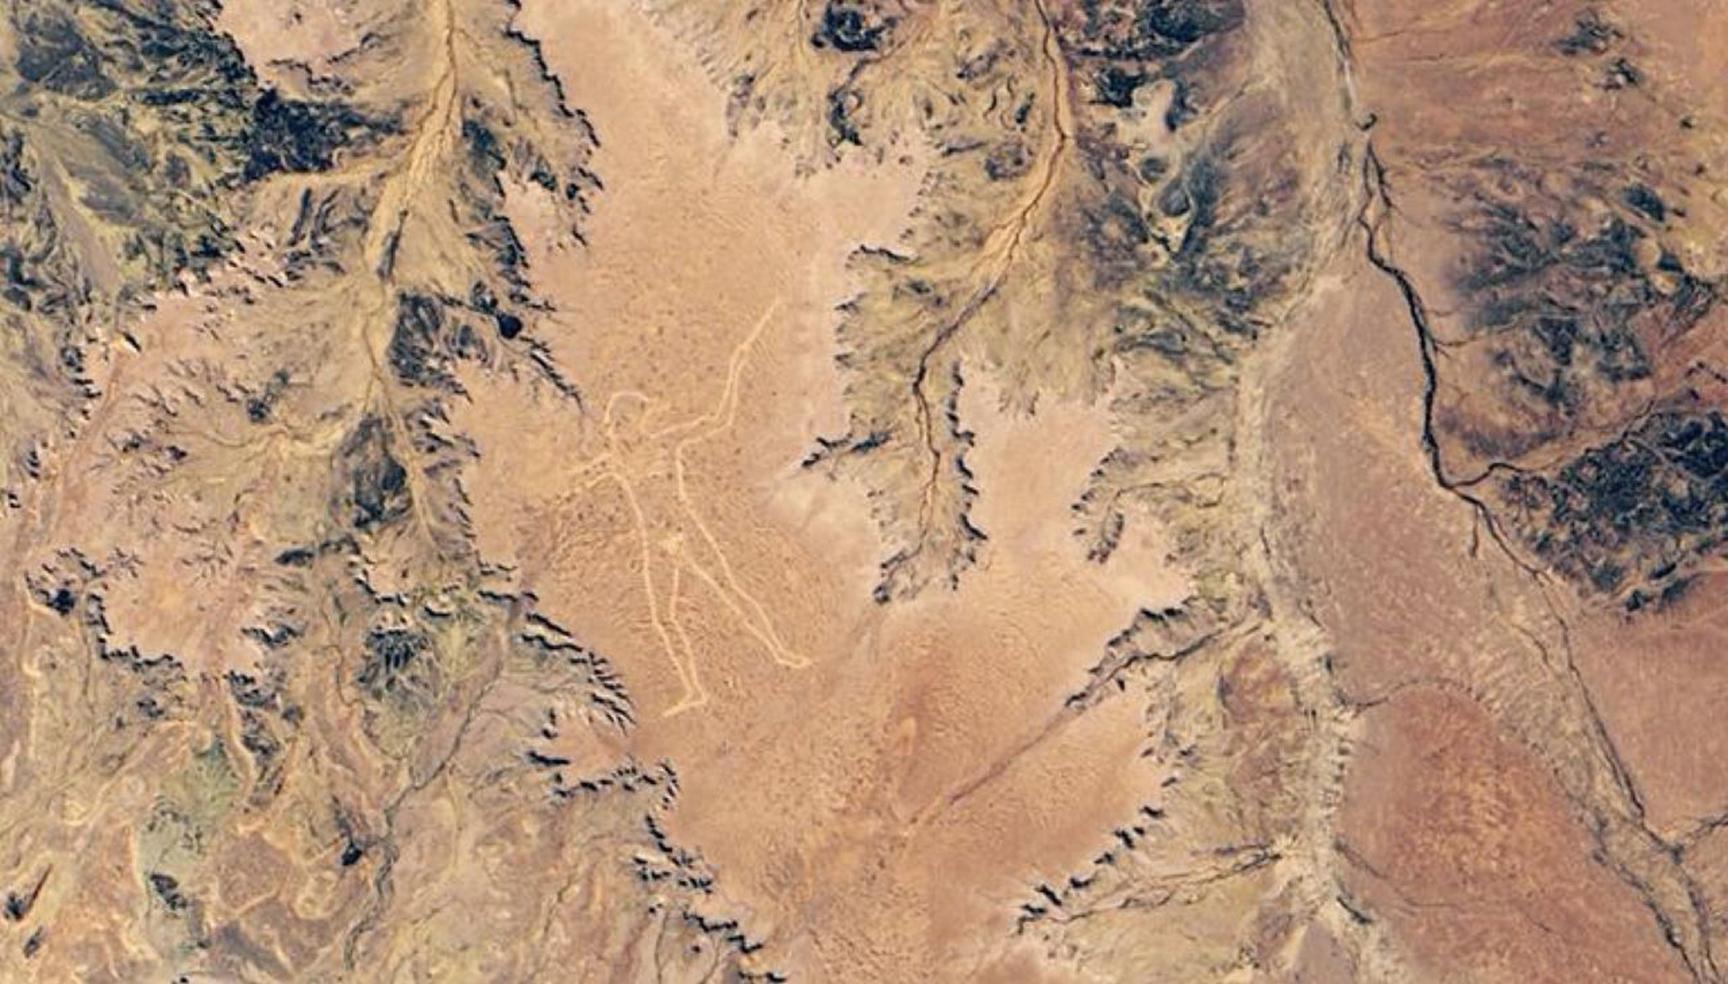 美國太空總署(NASA)於2019年6月份拍攝到的馬裏人(土著人)形地畫。(NASA)